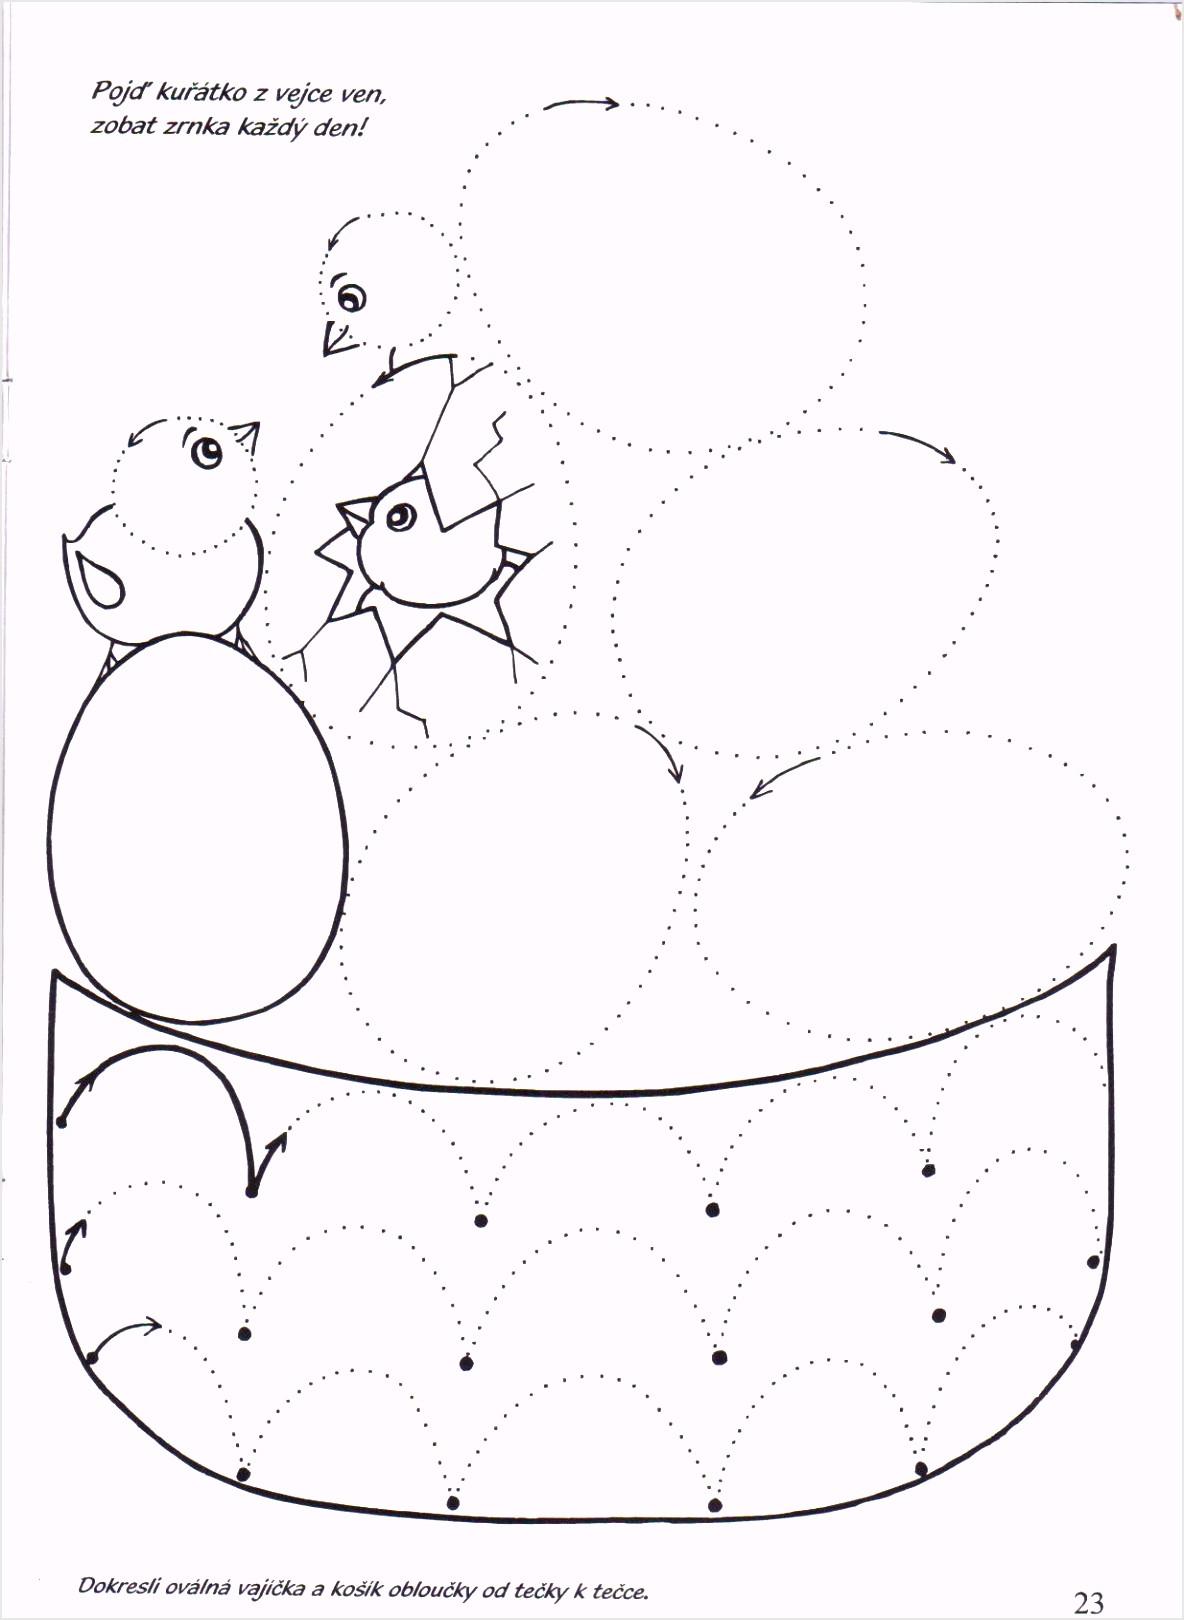 Ausmalbilder Einhorn Pummel Einzigartig 9 Spyro Malvorlagen Malvorlagen234 Malvorlagen234 Fotografieren